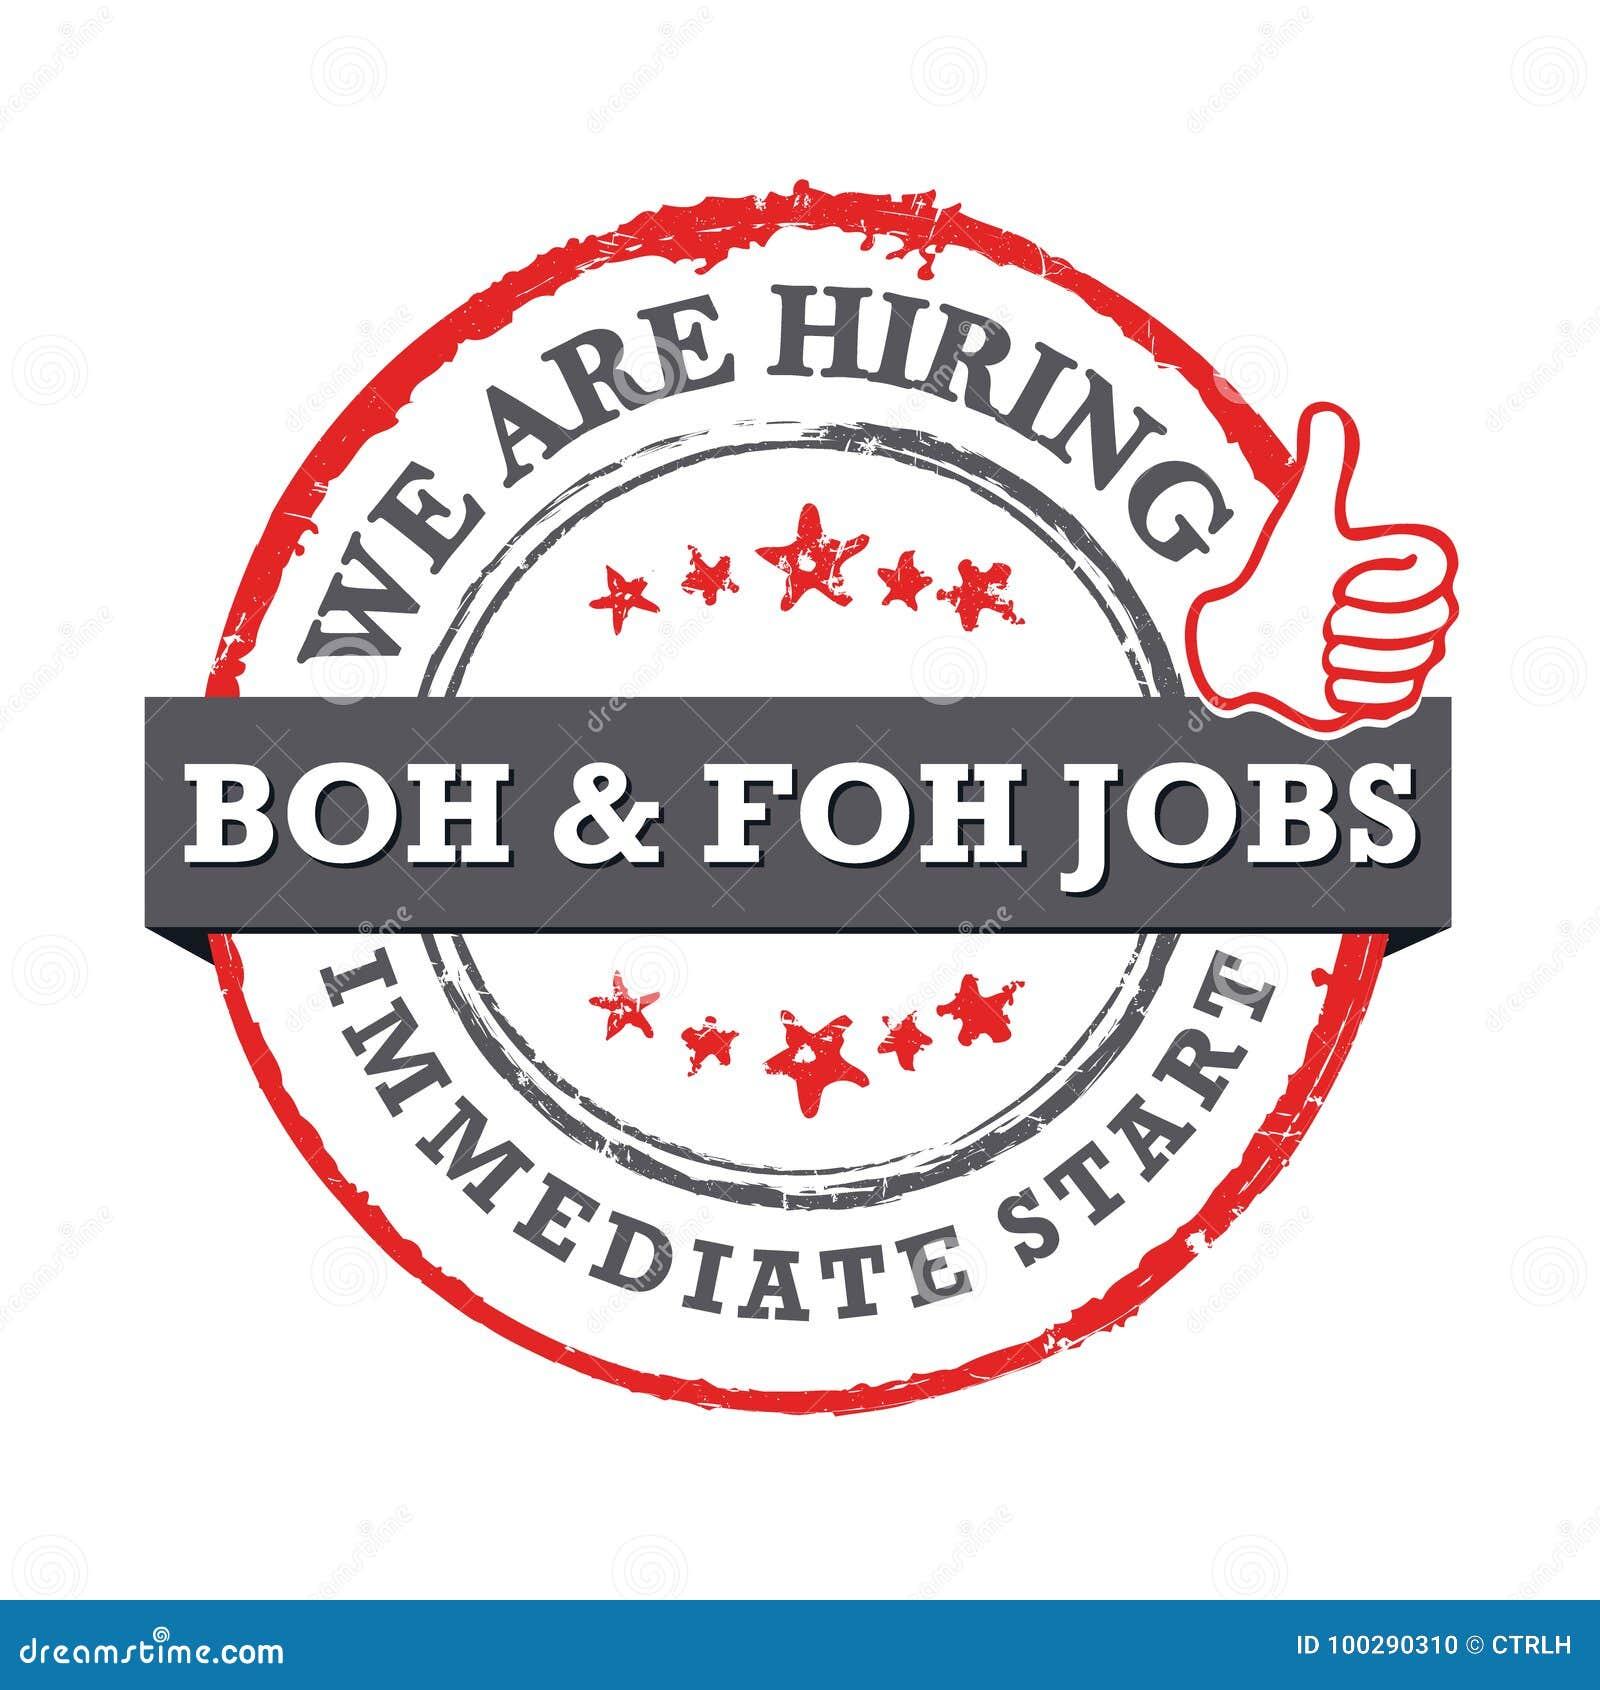 Wij huren - beschikbare de banen van BOH en FOH- Direct begin - de voor het drukken geschikte zegel van de baanaanbieding